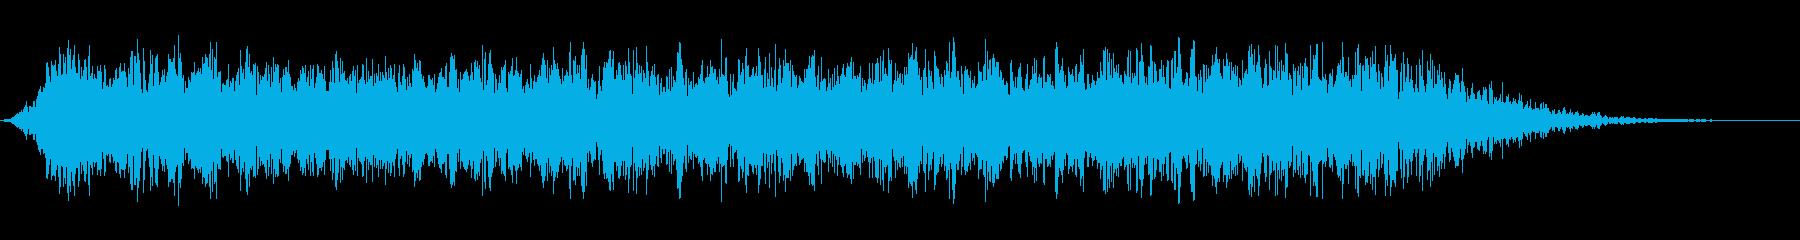 悪魔のうなり声4の再生済みの波形